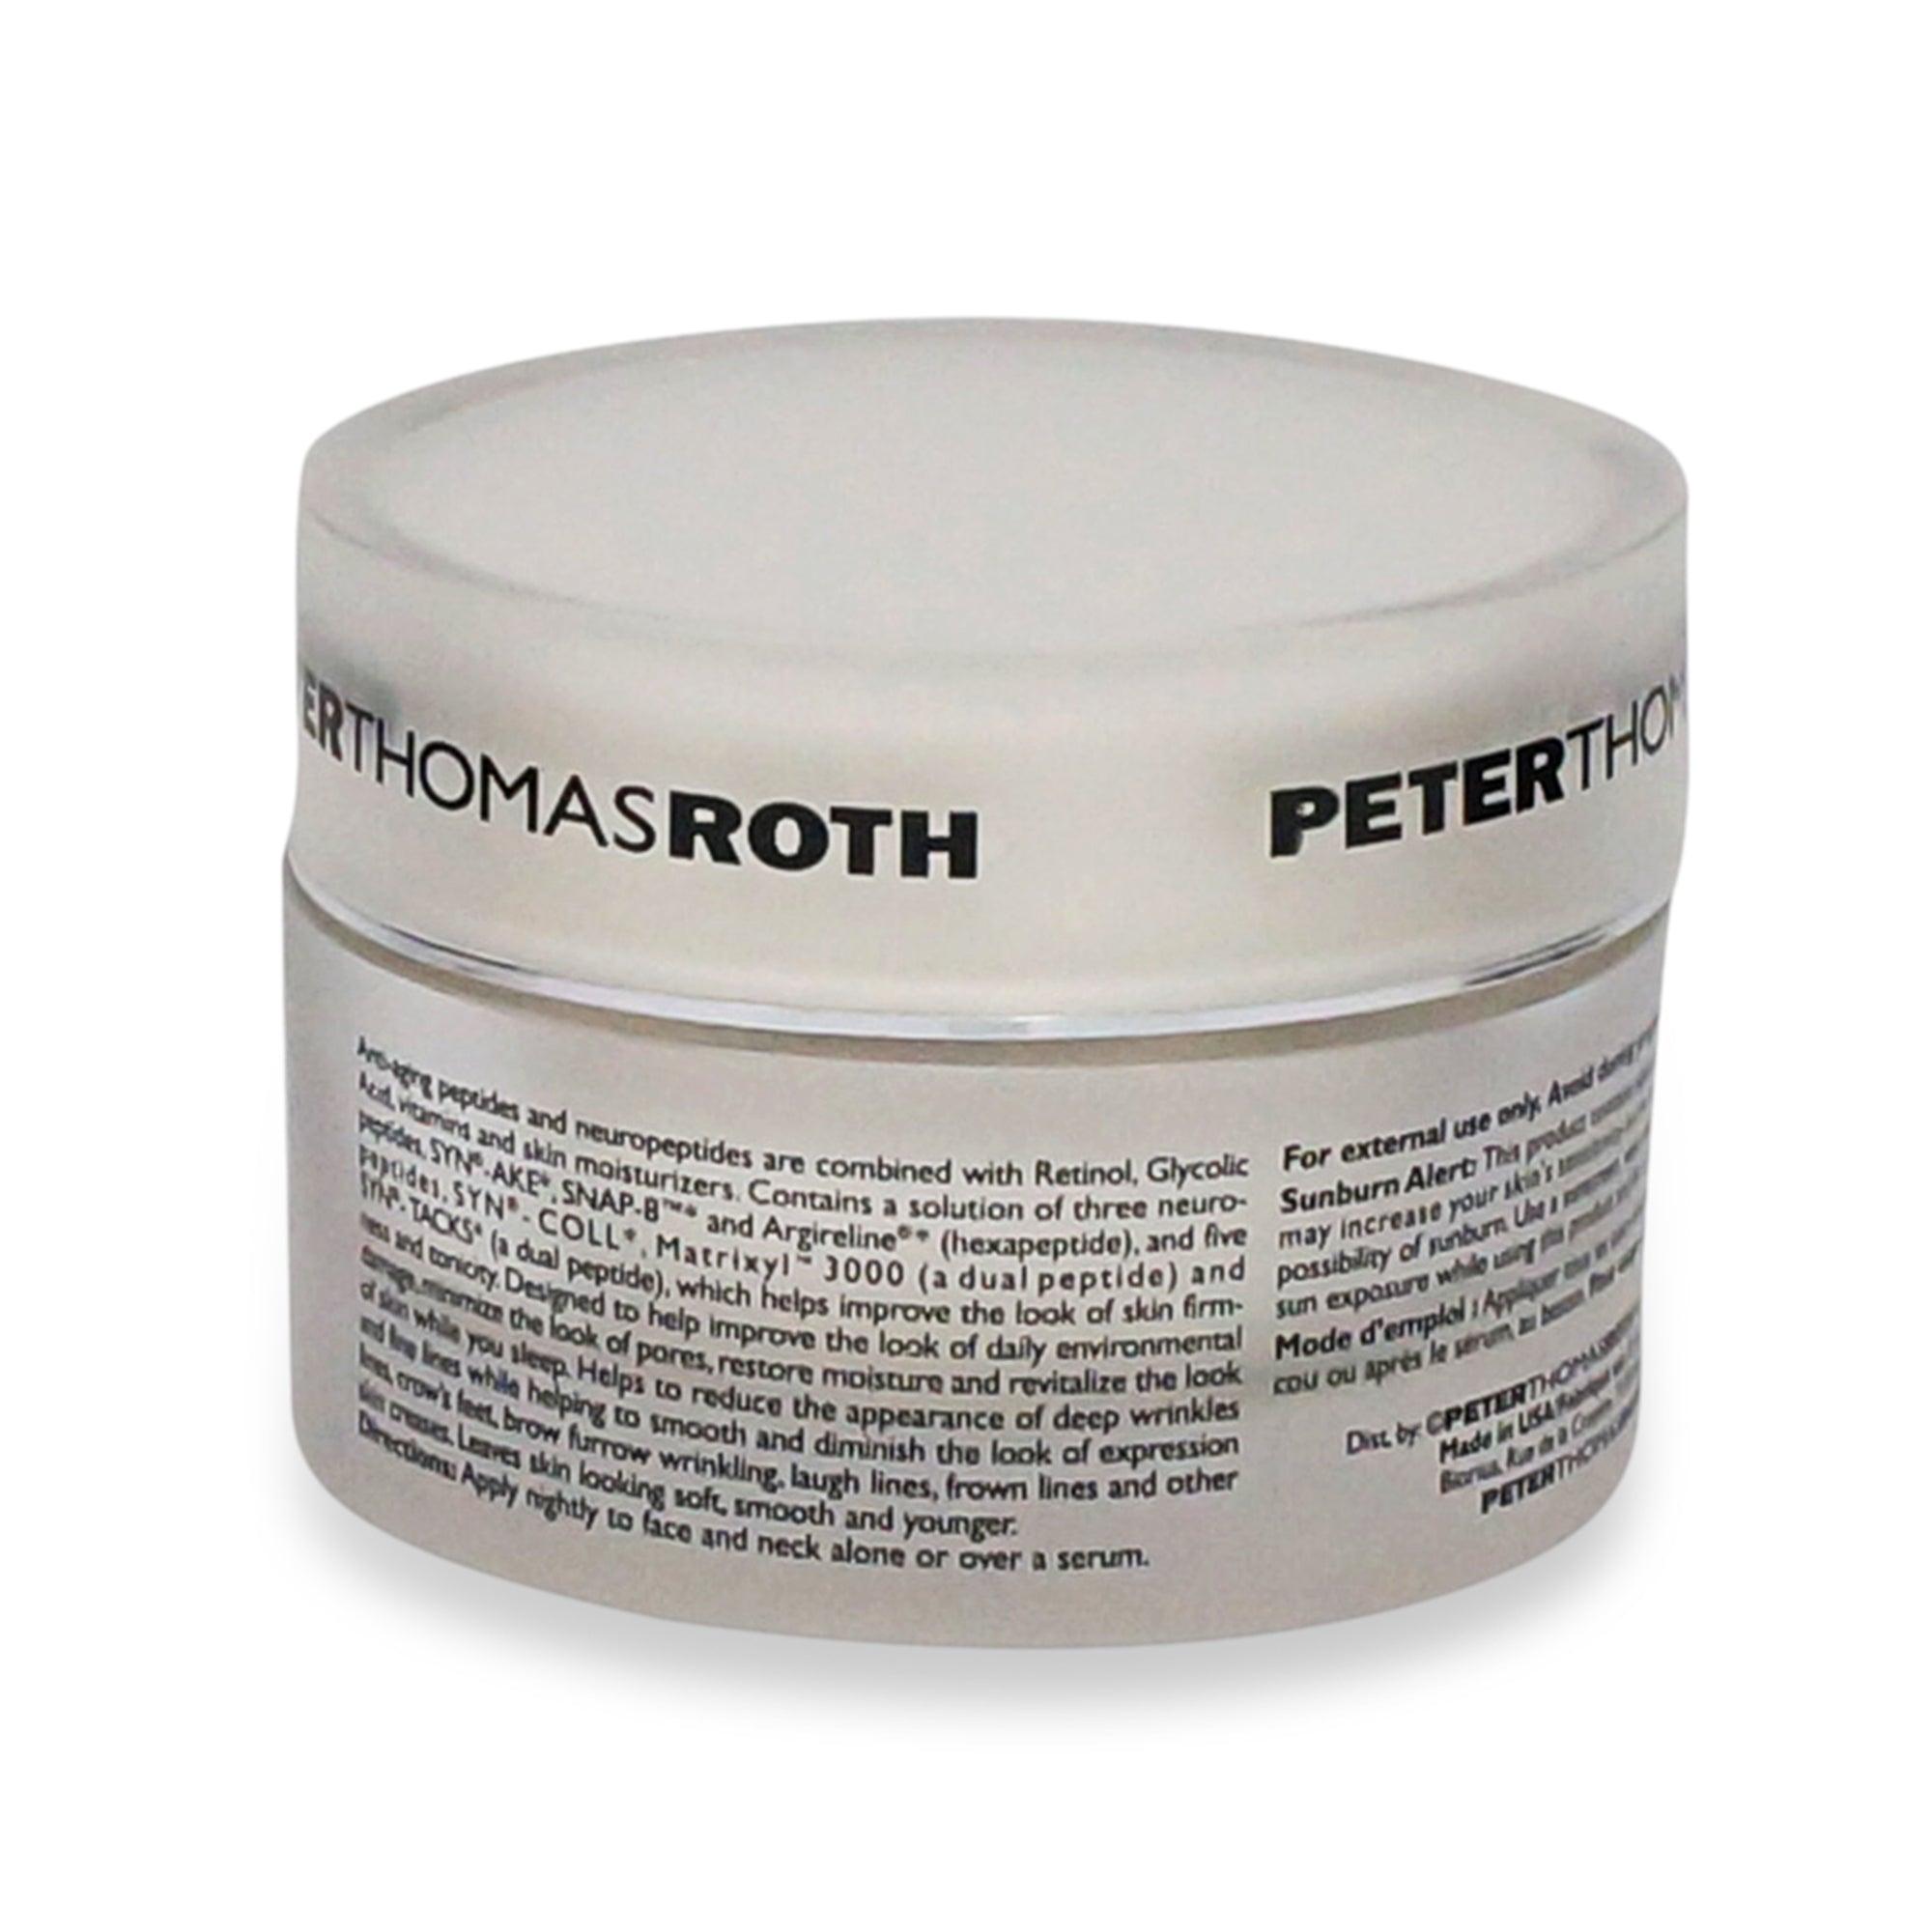 peter thomas roth un wrinkle night reviews